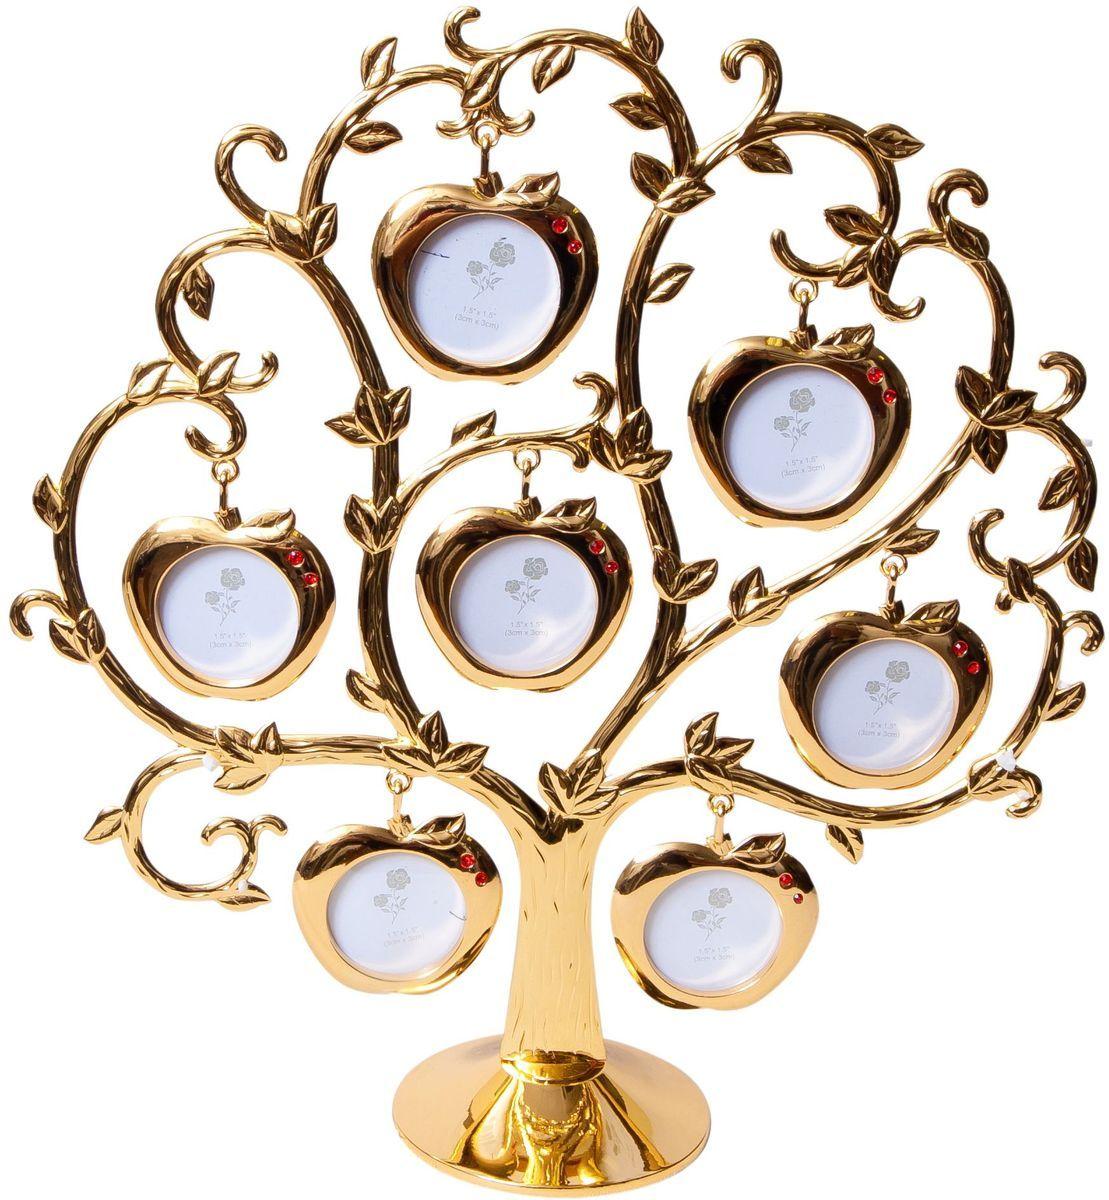 Фоторамка Platinum Дерево. Яблоки, цвет: золотистый, на 7 фото, 4 x 4 см. PF9460ASG7 фоторамок на дереве PF9460ASG GOLDДекоративная фоторамка Platinum Дерево. Яблоки выполнена из металла. На подставку в виде деревца подвешиваются семь фоторамок в форме яблок, украшенных стразами. Изысканная и эффектная, эта потрясающая рамочка покорит своей красотой и изумительным качеством исполнения. Фоторамка Platinum Дерево. Яблоки не только украсит интерьер помещения, но и поможет разместить фото всей вашей семьи.Высота фоторамки: 26 см.Фоторамка подходит для фотографий 4 х 4 см. Общий размер фоторамки: 23,5 х 5 х 26 см.